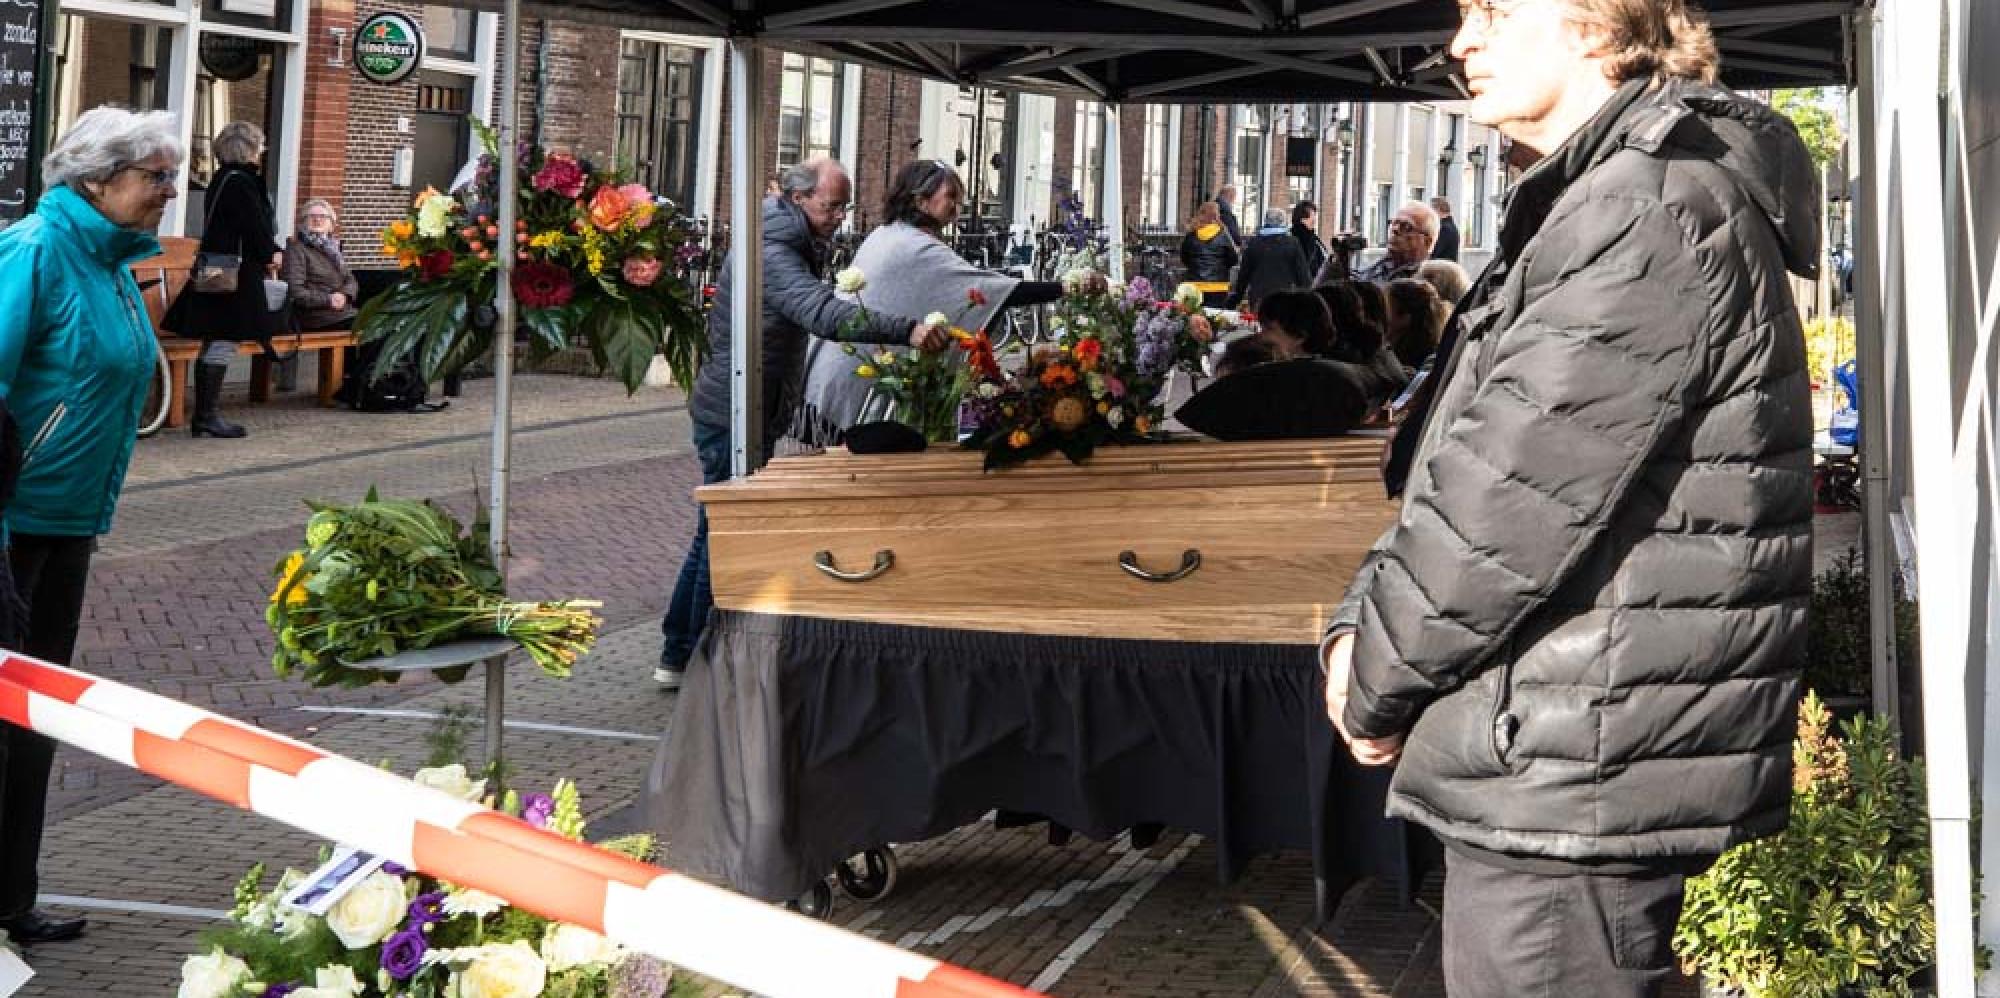 Honderden Naarders nemen afscheid van geliefde stadsomroeper